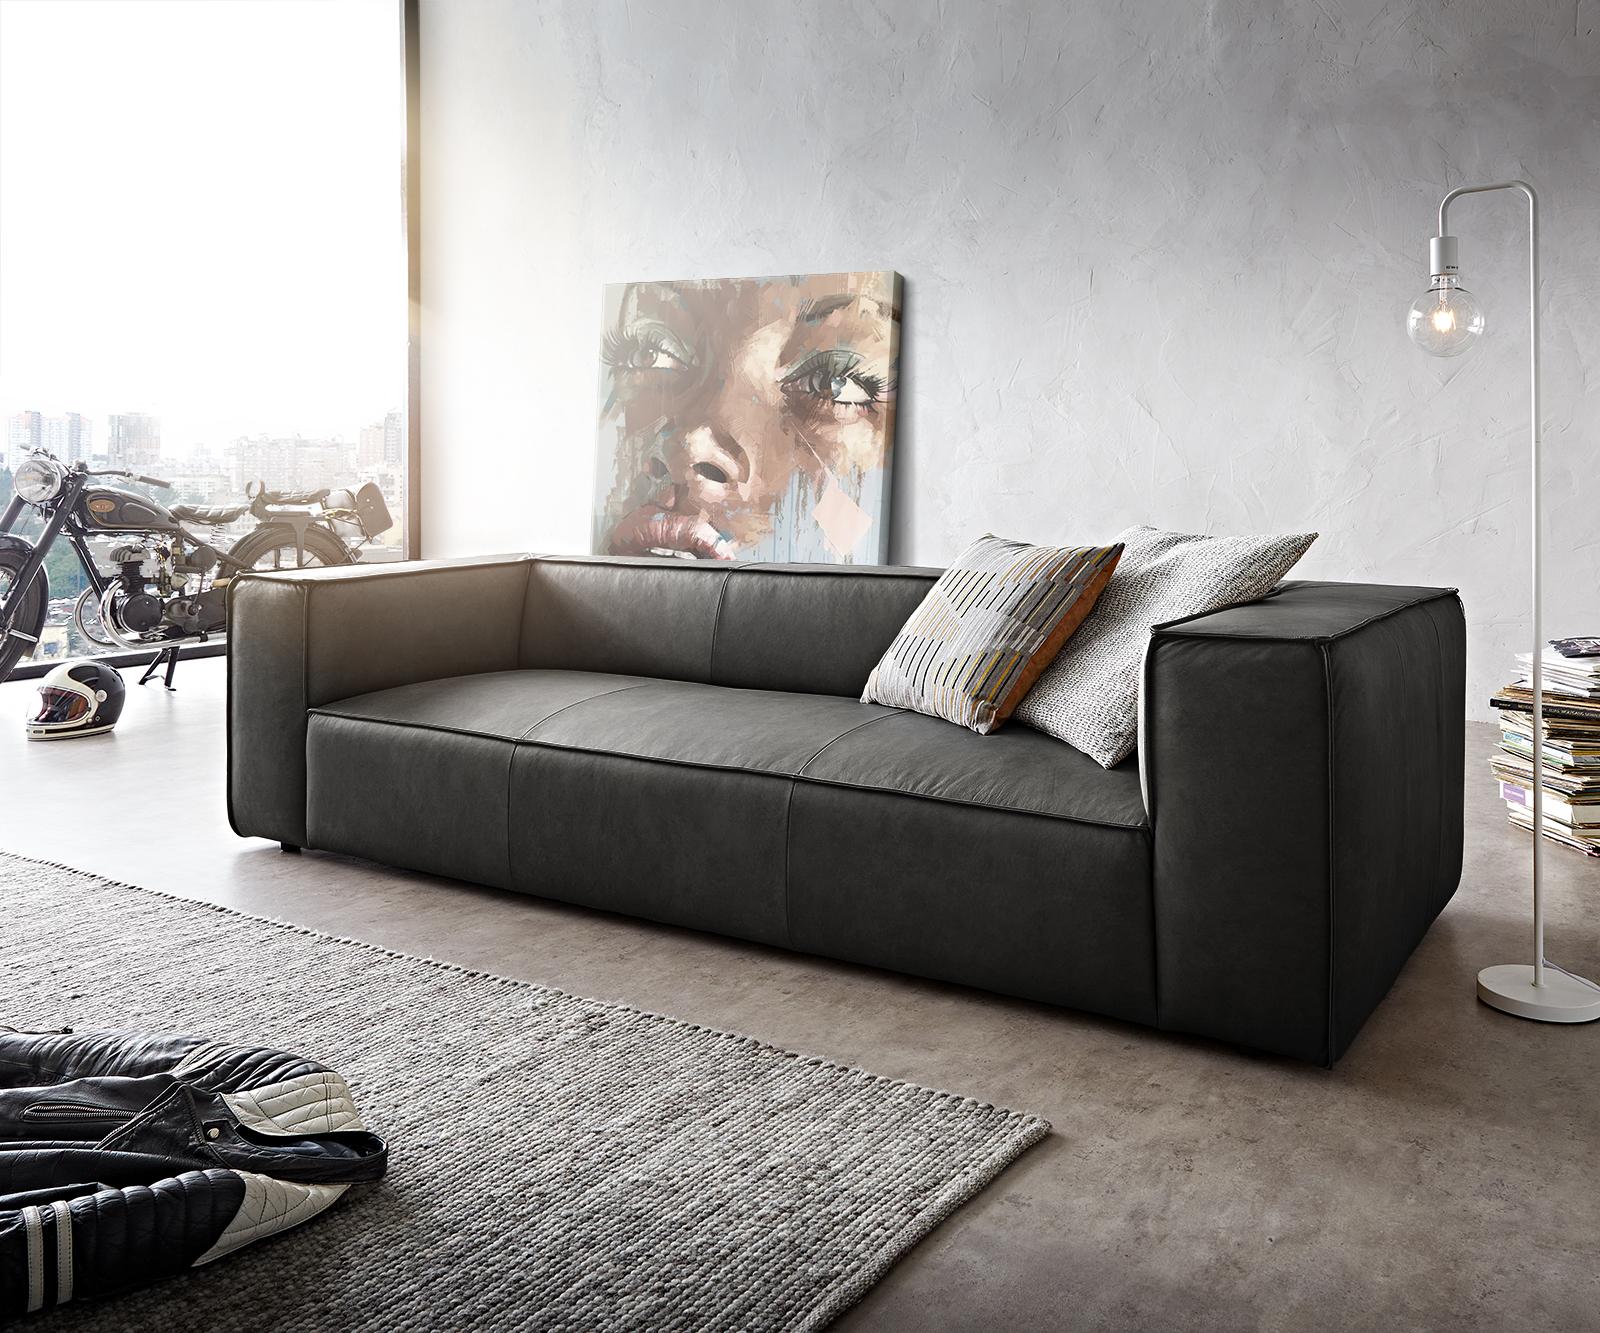 Bigsofa Around the Block 260x105 Anthrazit Echtleder Federkern by W. Schillig